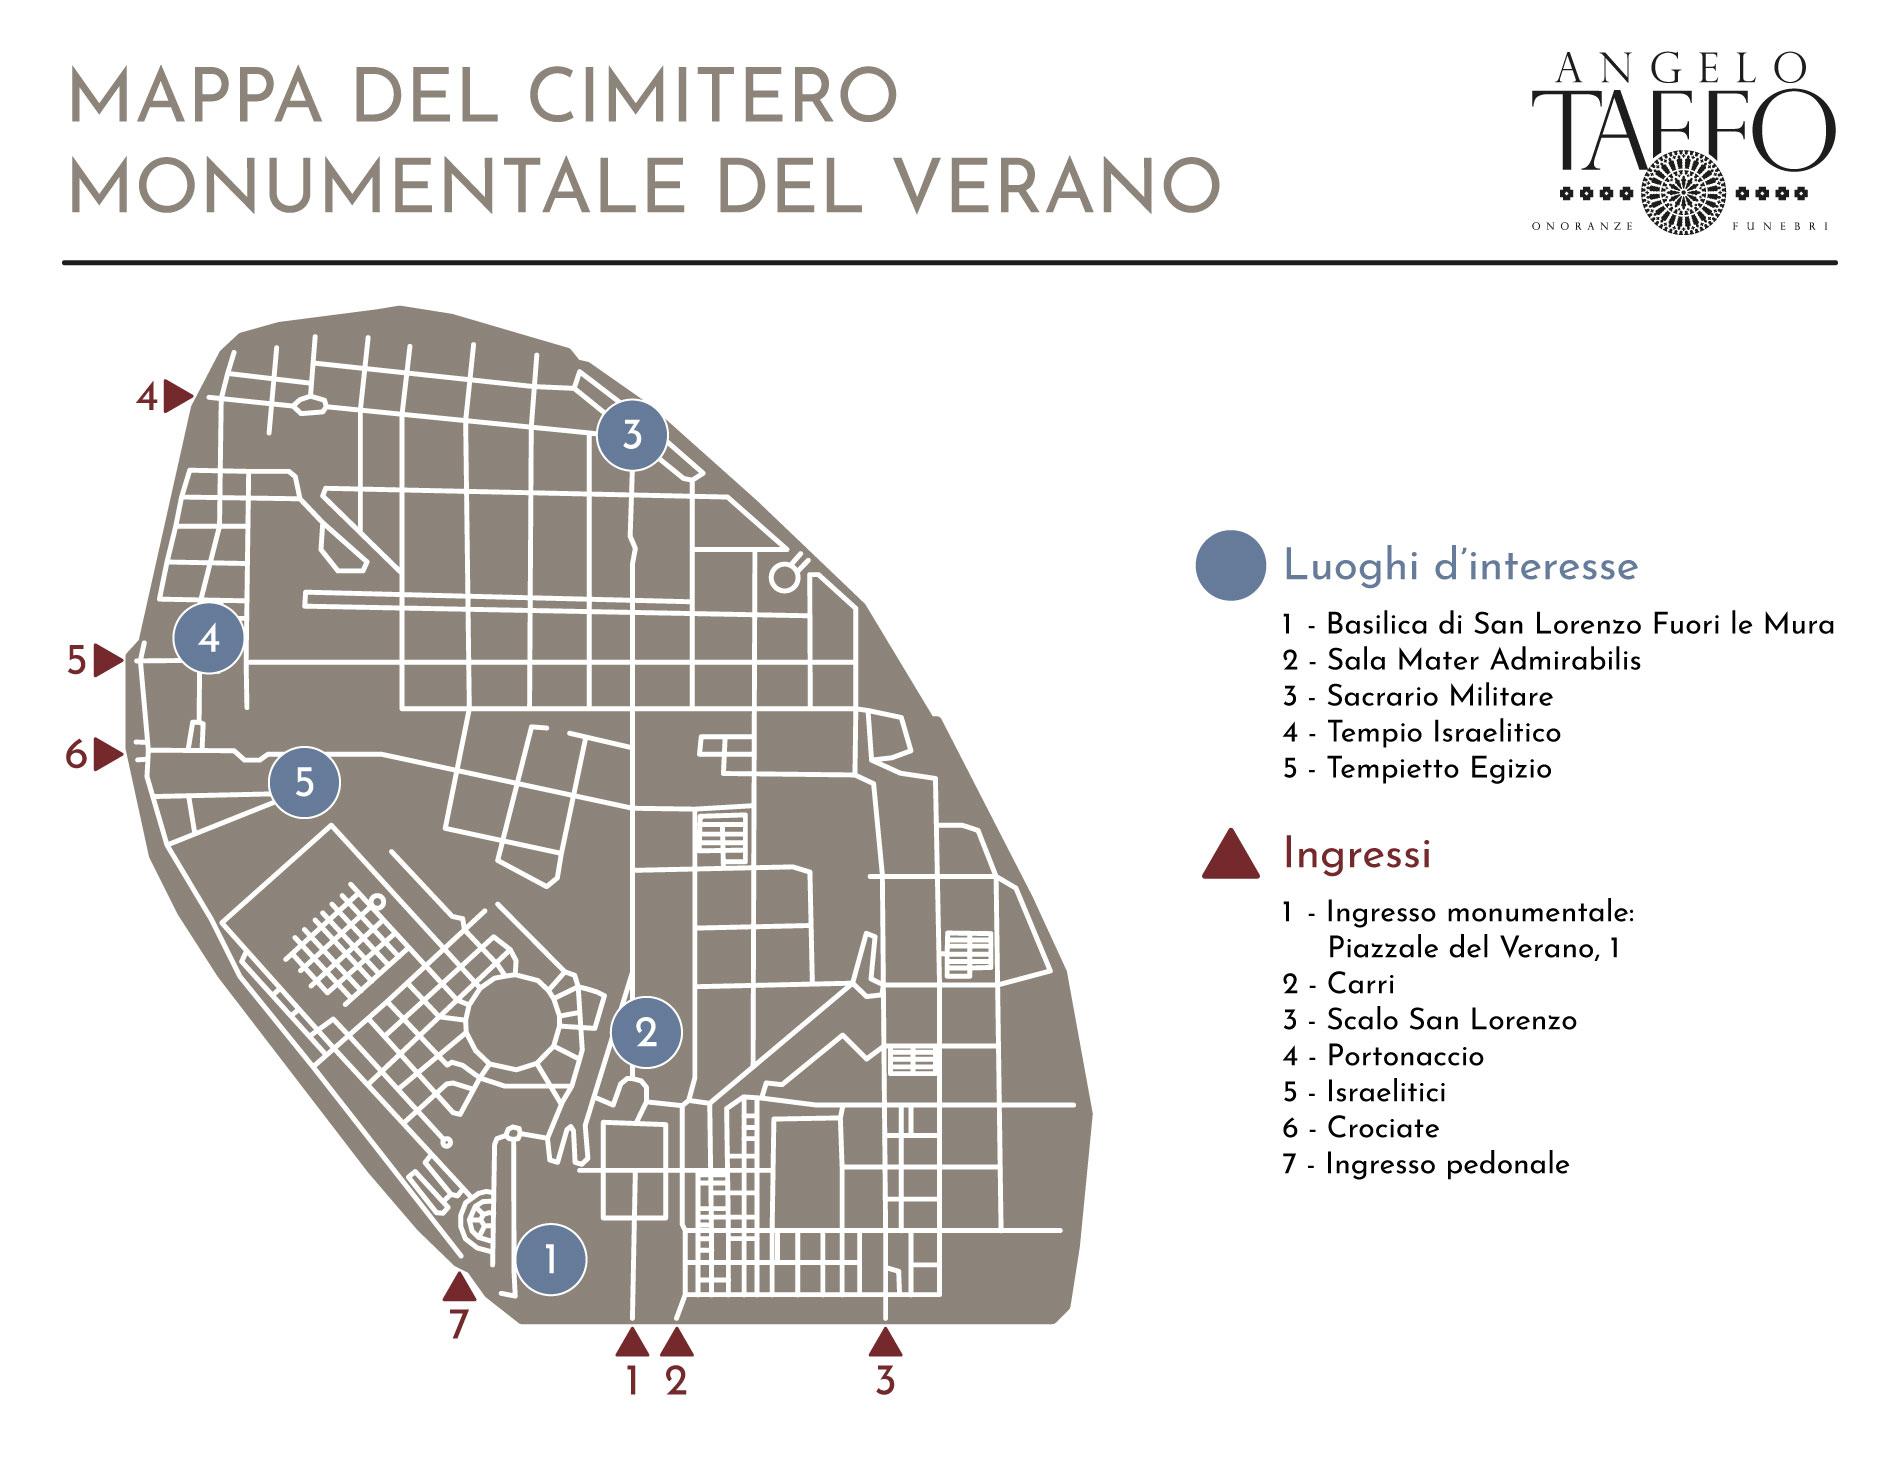 Taffo Onoranze Funebri - Mappa Del Cimitero Monumentale Del Verano